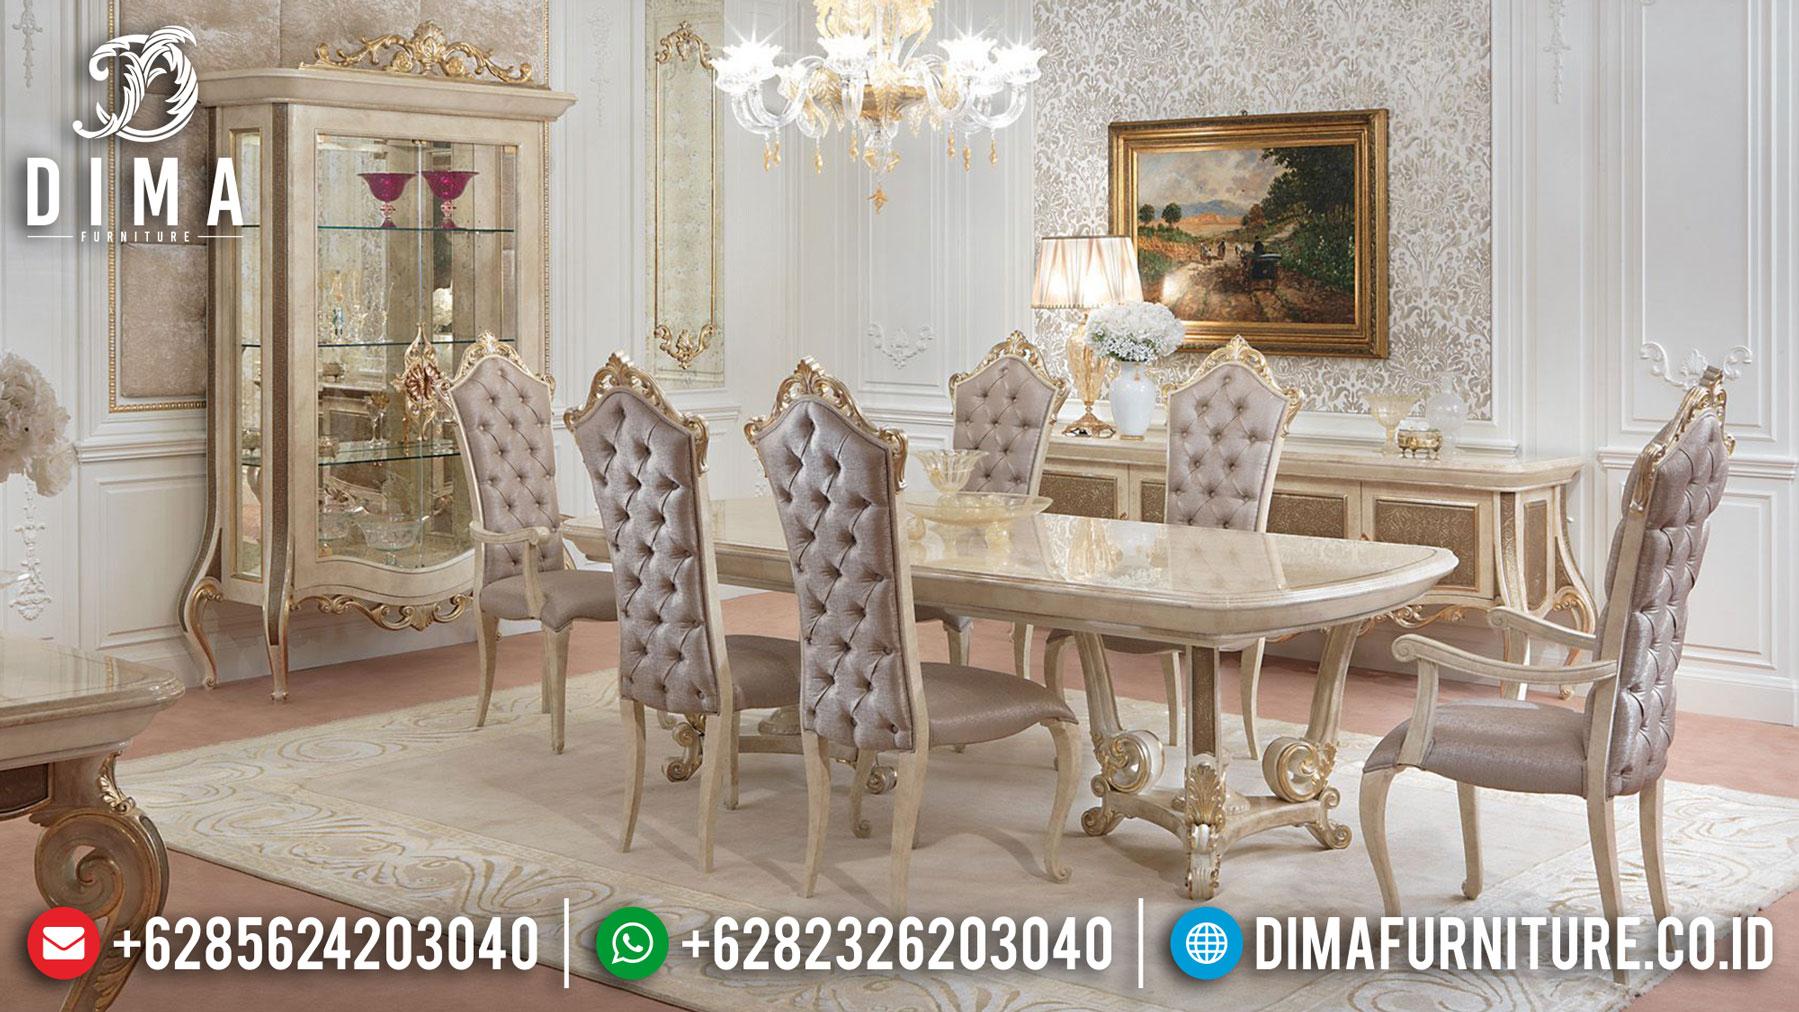 Desain Meja Makan Mewah Classic Luxury New Type Furniture Jepara Release TTJ-1281